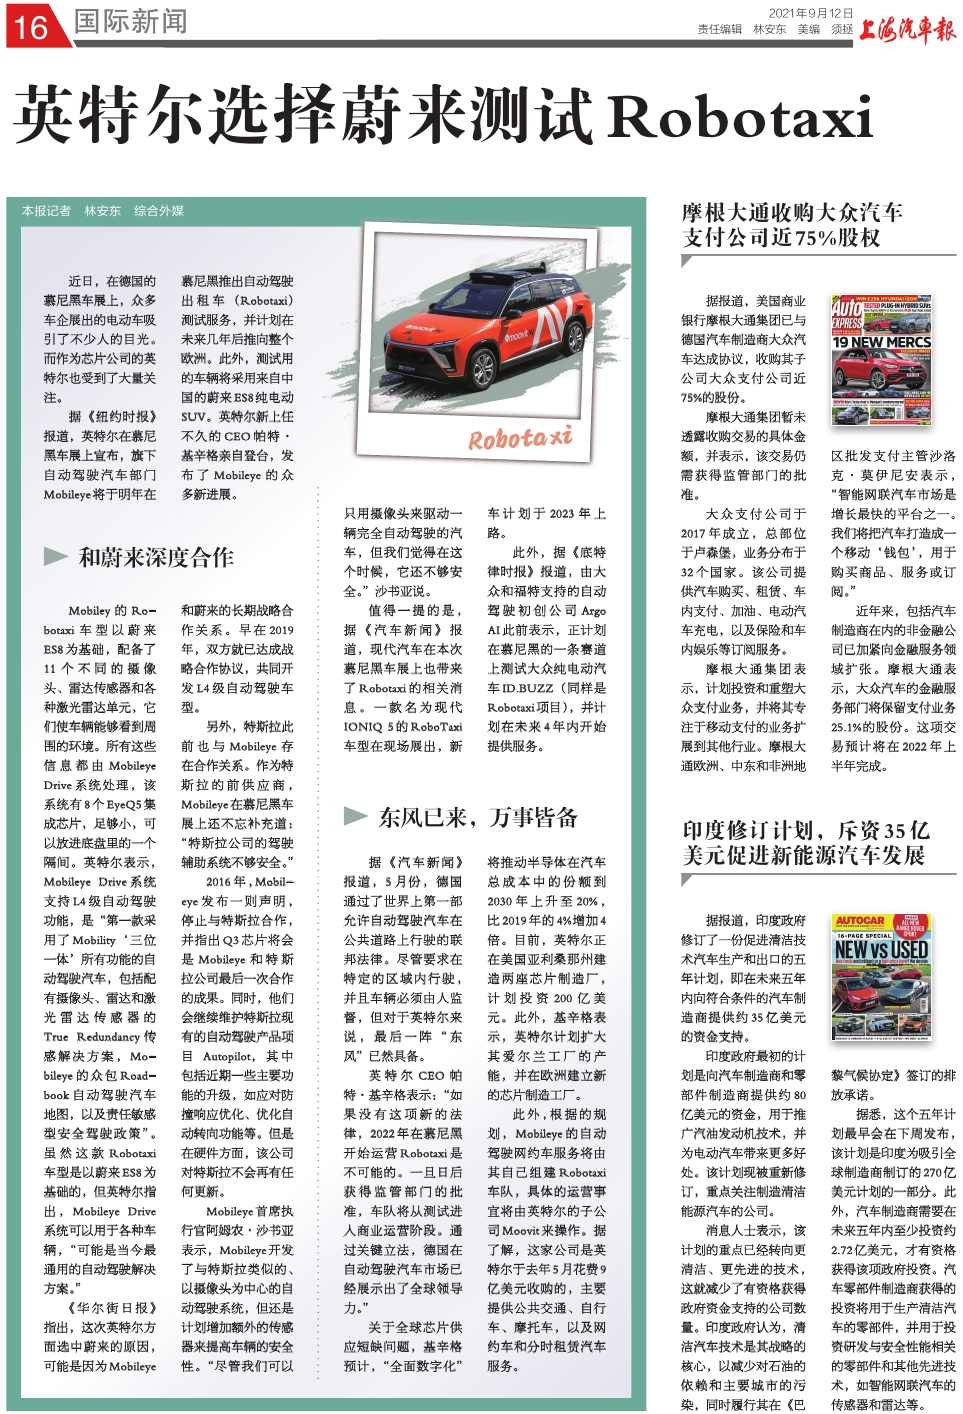 上海汽车报国际新闻